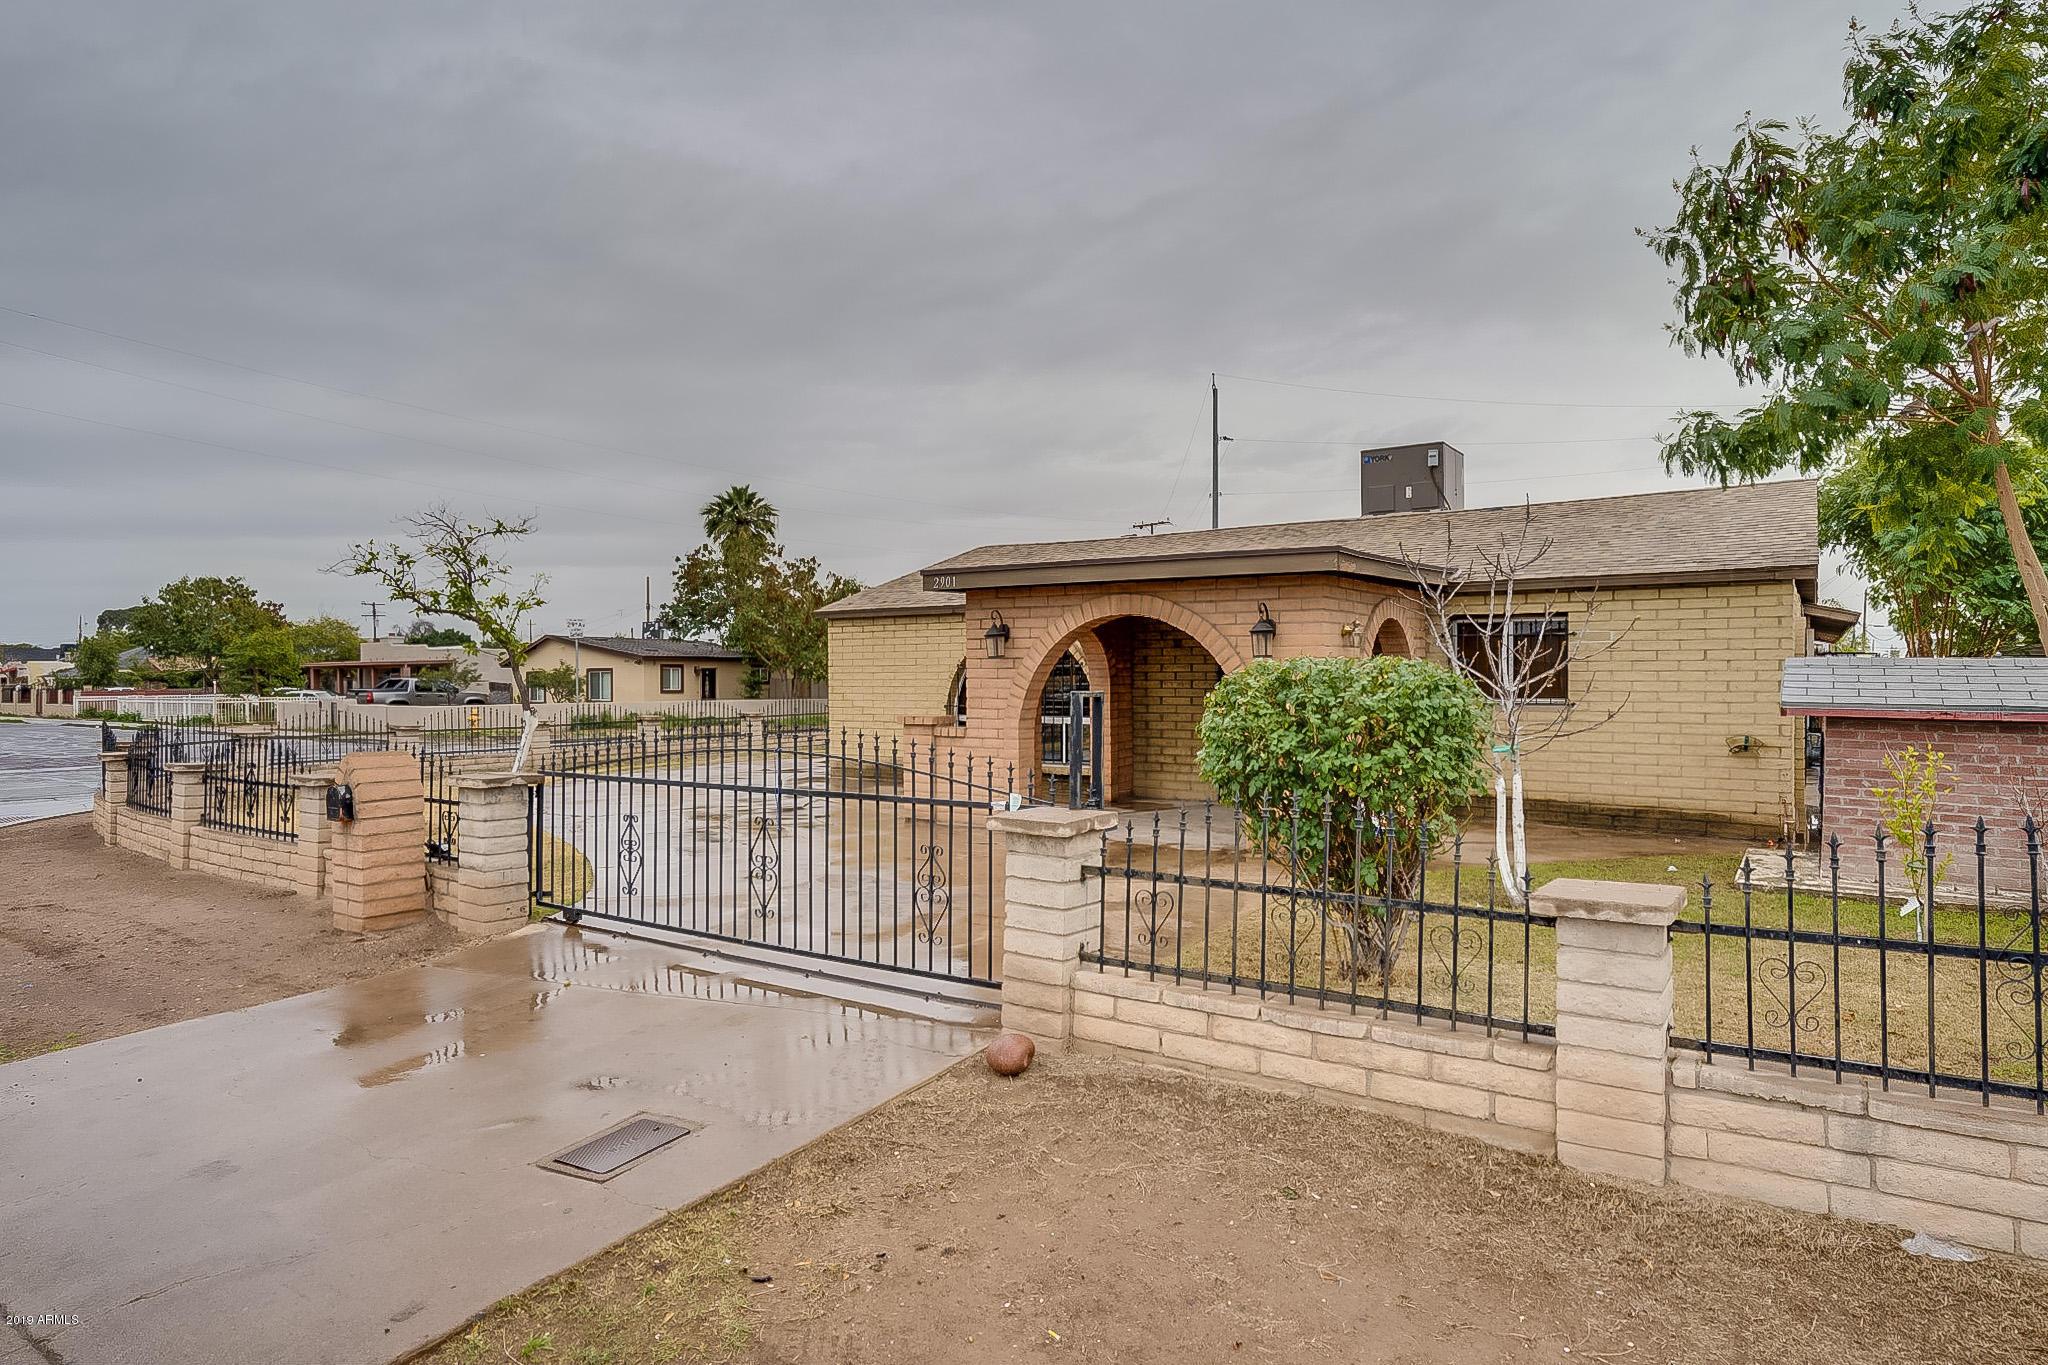 Photo for 2901 W Garfield Street, Phoenix, AZ 85009 (MLS # 5883796)